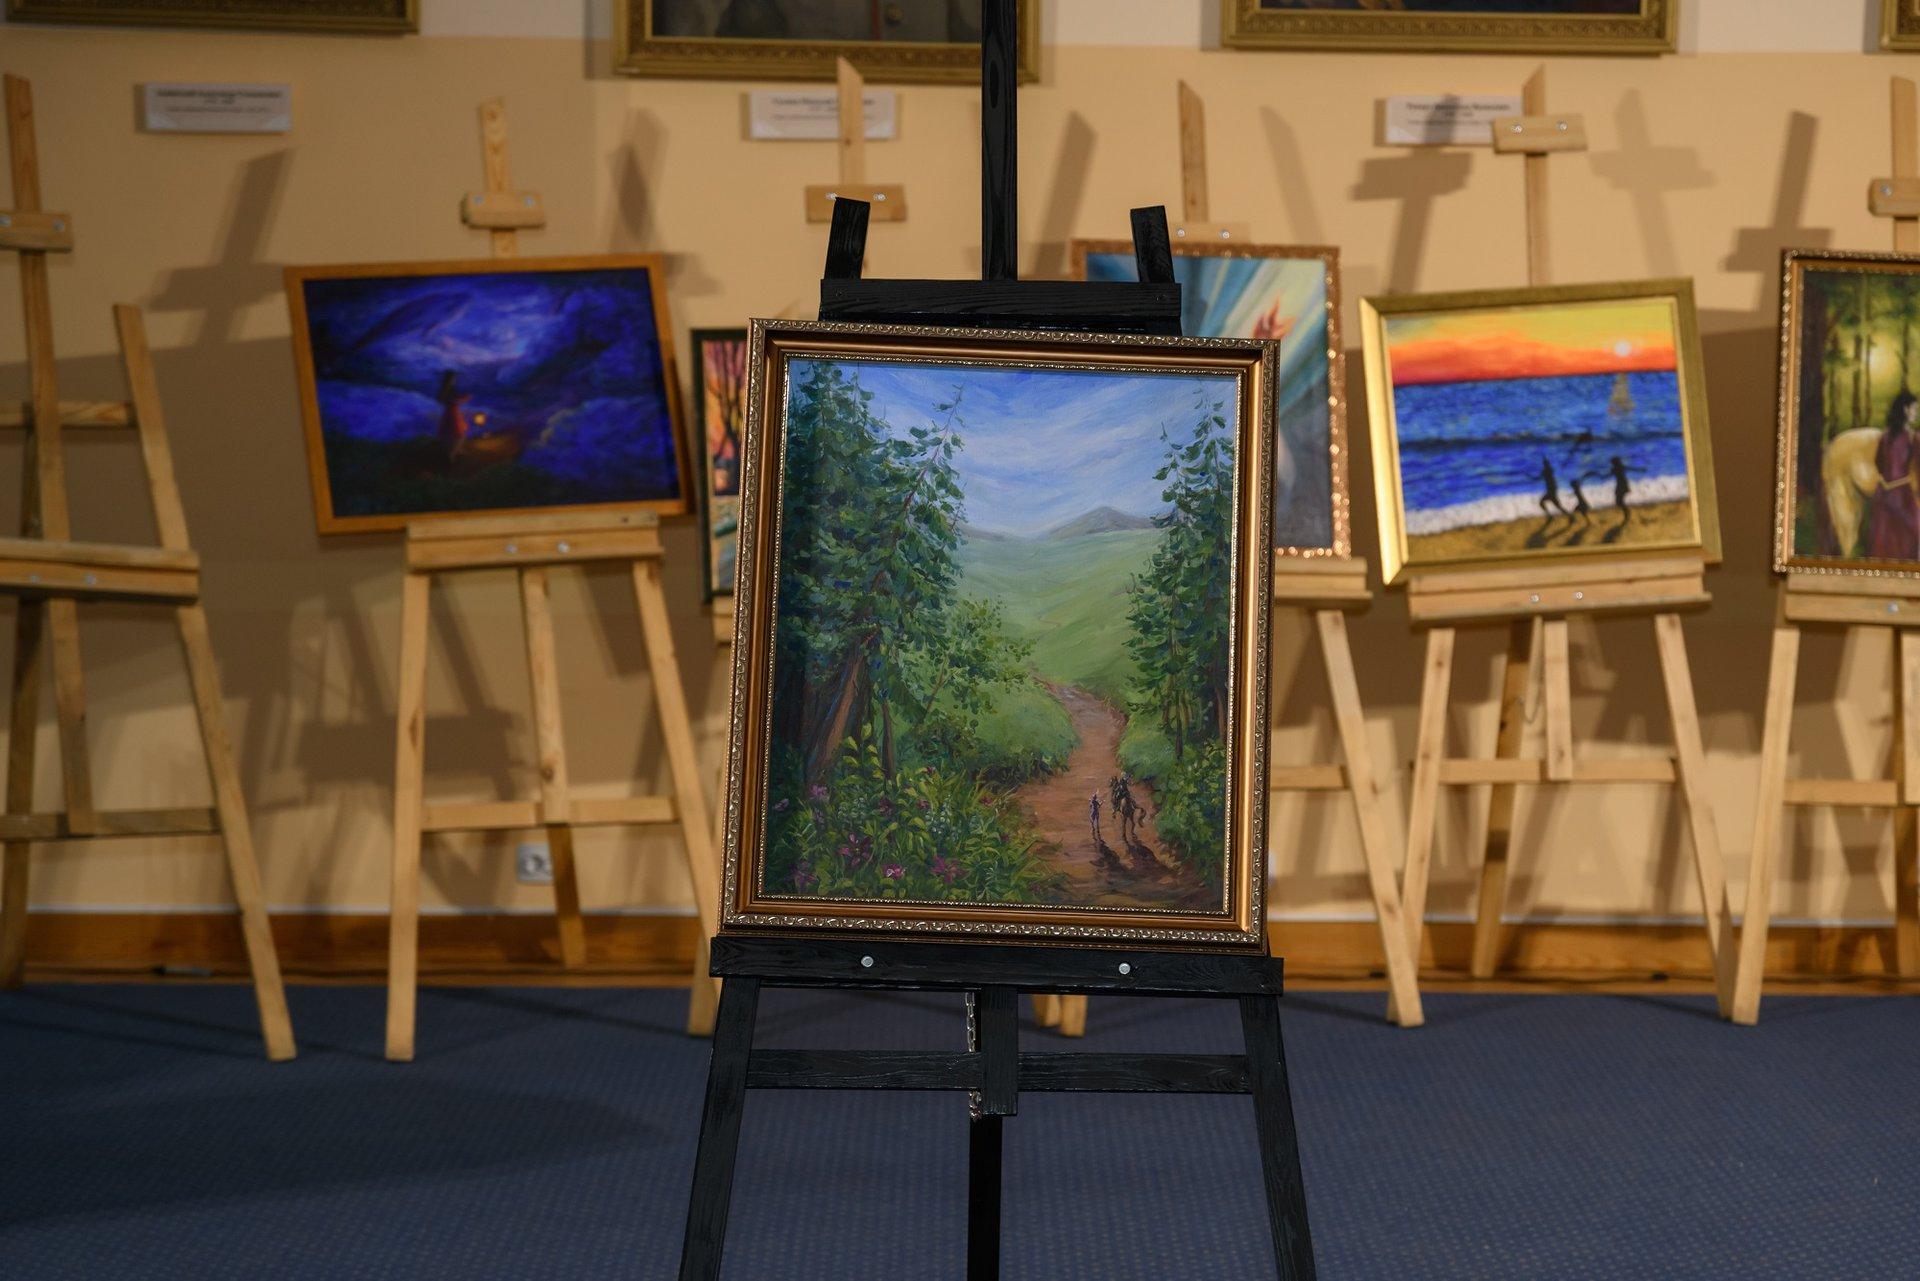 «В начале пути», художник - Анастасия Христолюбова. Мечтами делился Владимир, 16 лет